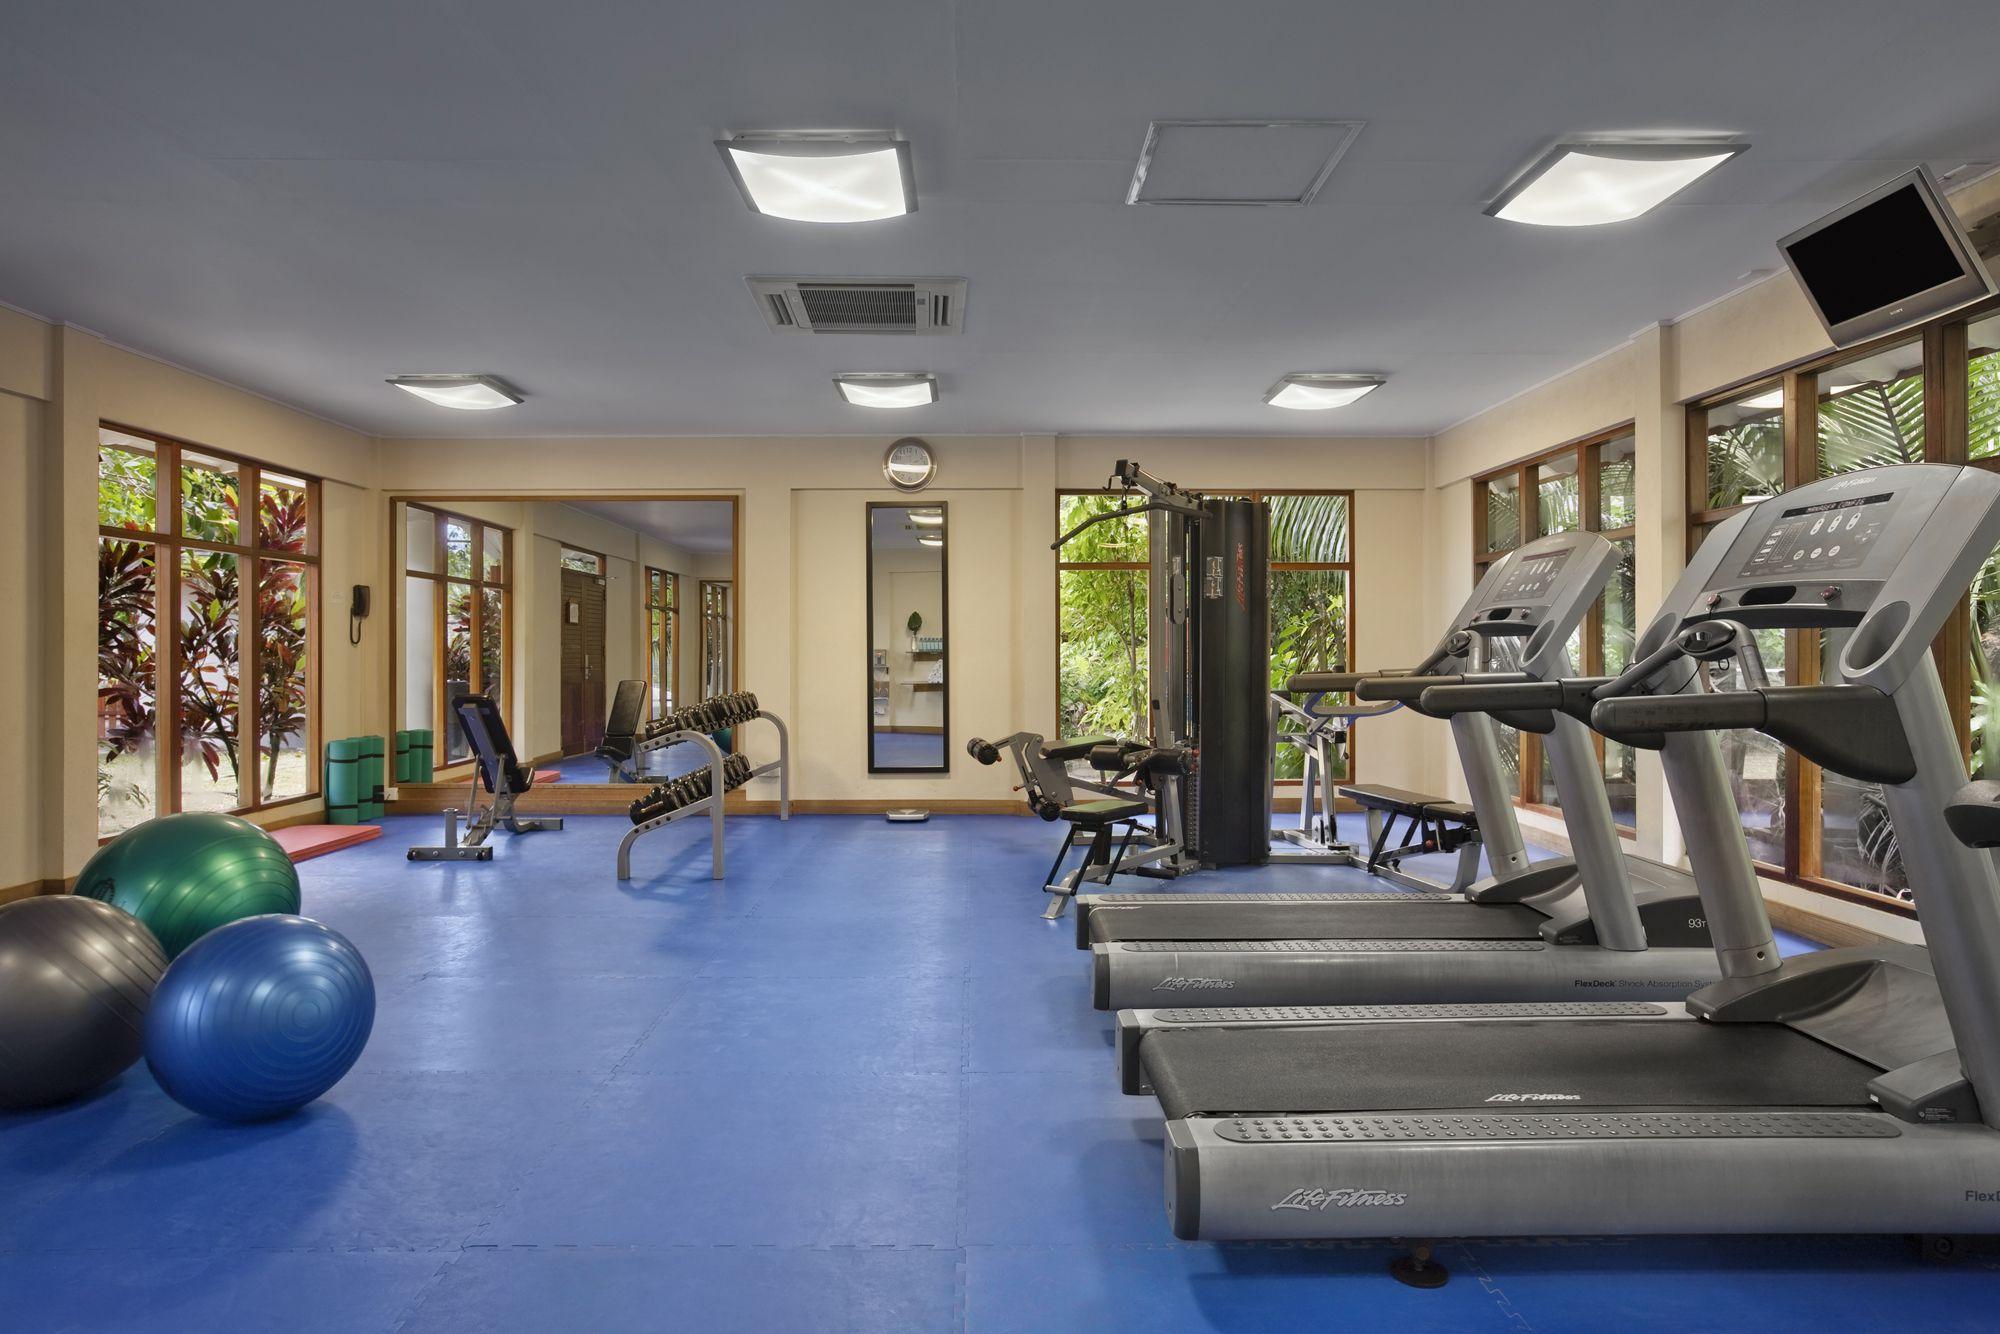 SEZLBHI_Fitness_Center1_HR